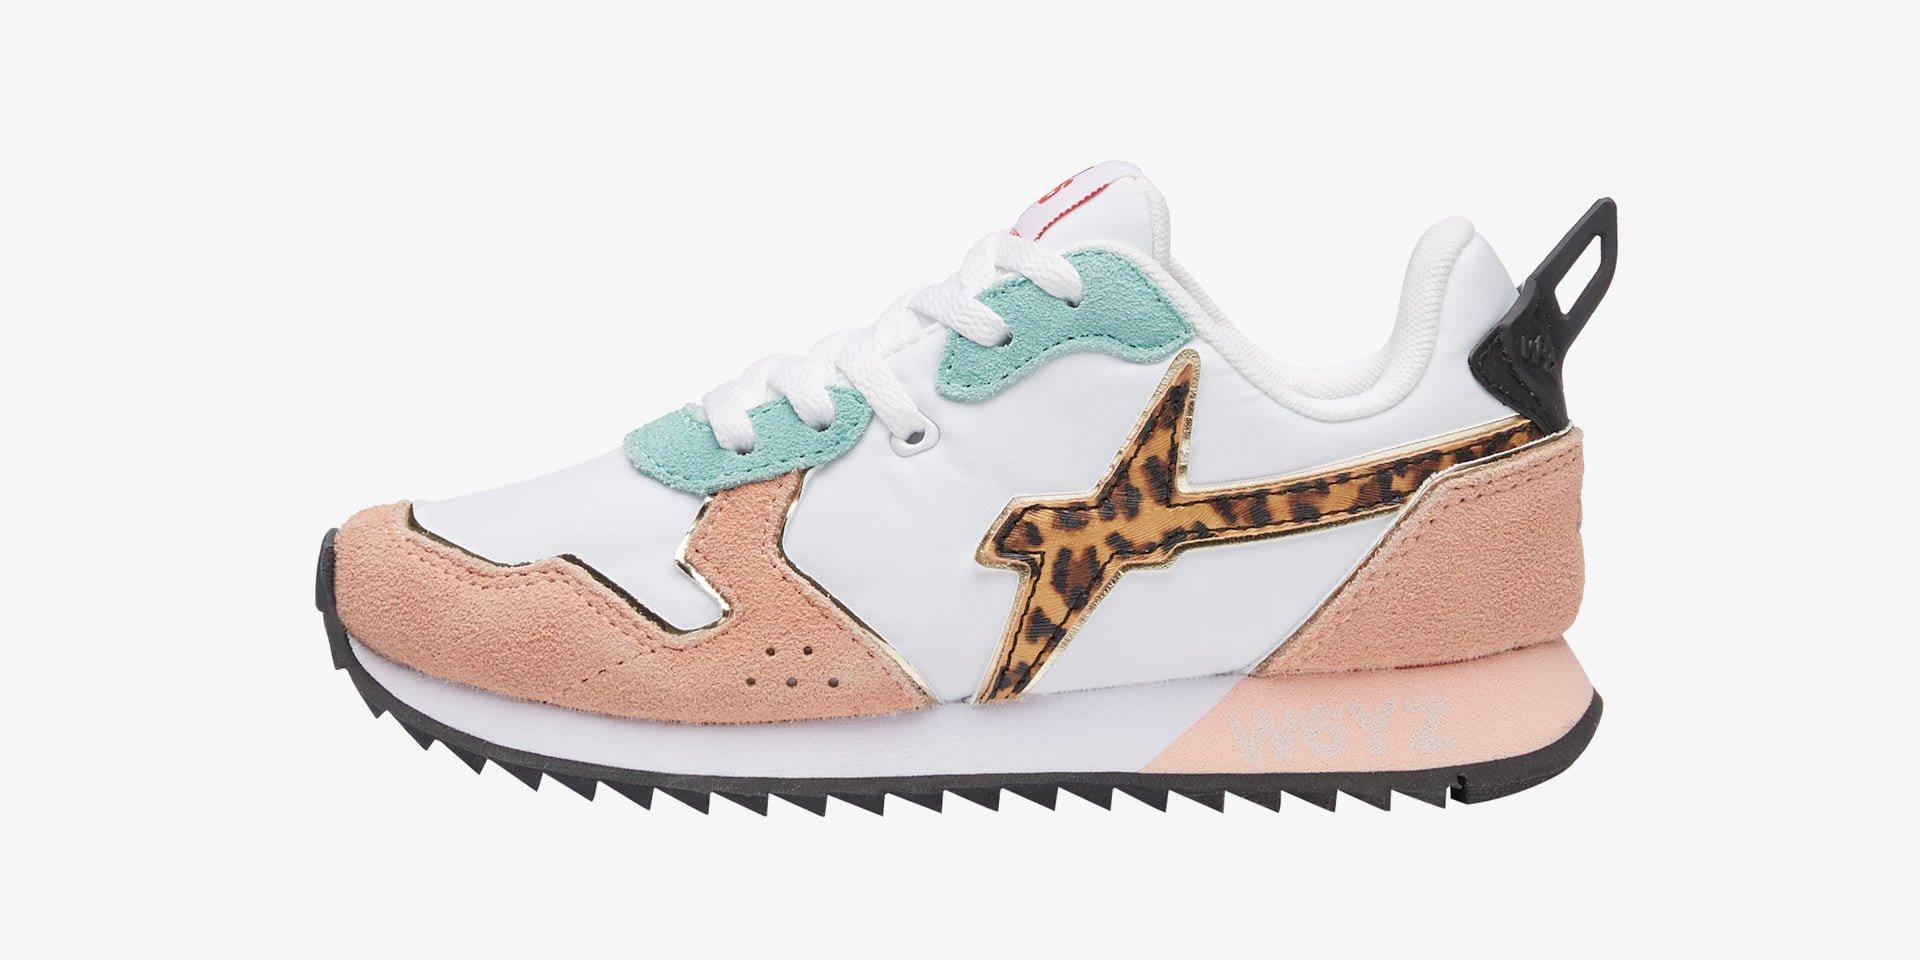 JET-J - Sneaker in pelle con inserti animalier - Rosa-Bianco-Celeste